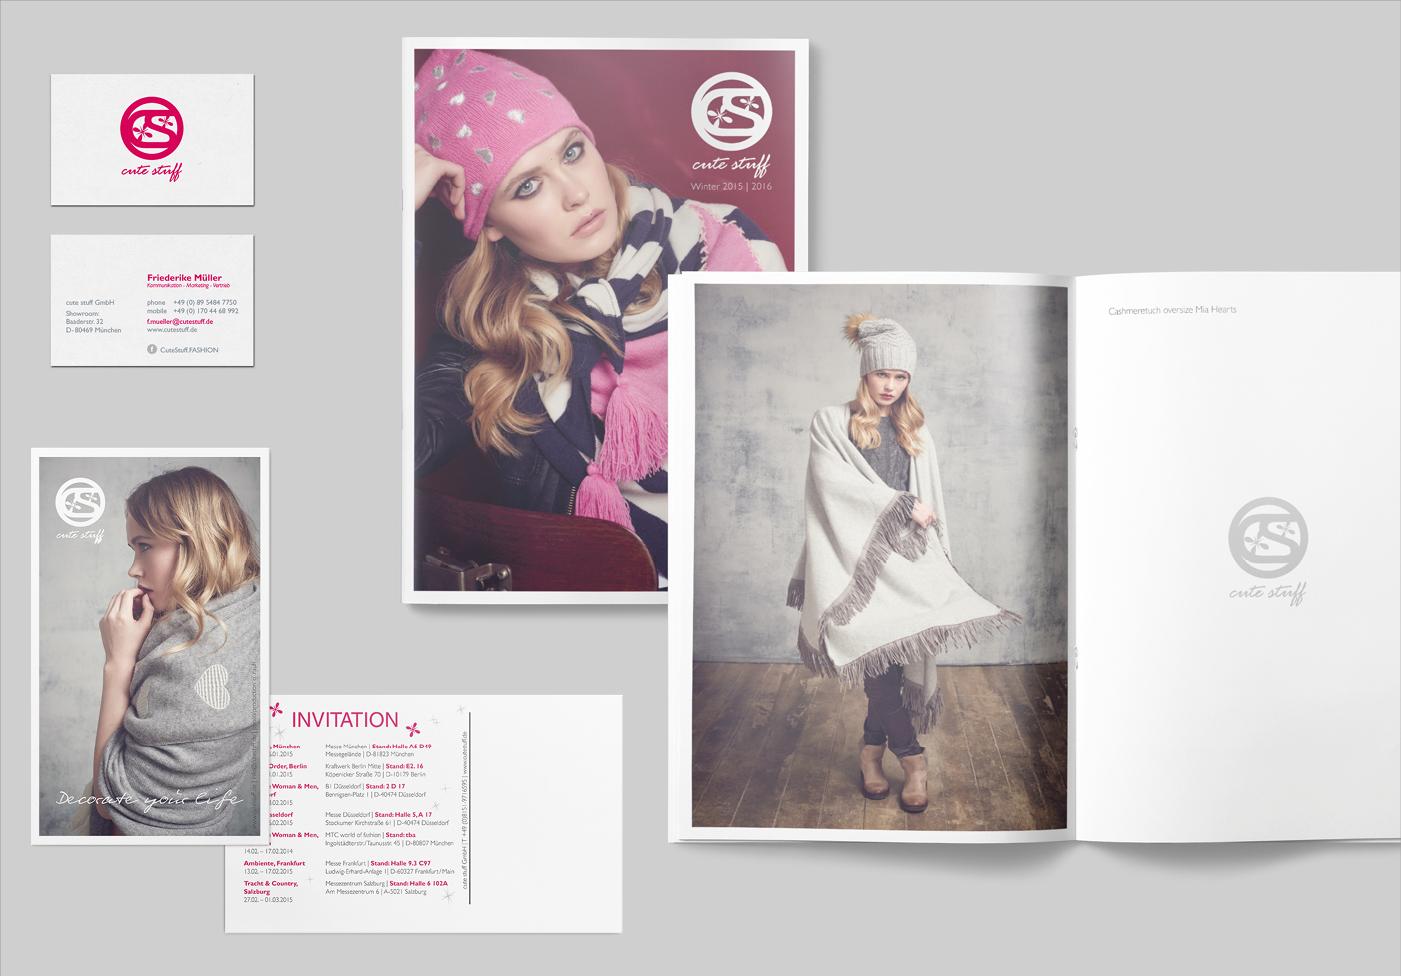 cute stuff GmbH:Corporate Design Umsetzung, Auftrag über Friederike Müller, Die Starnbergerin – PR-Agentur, Visitenkarten, Lookbook, Flyer und Einladungskarte